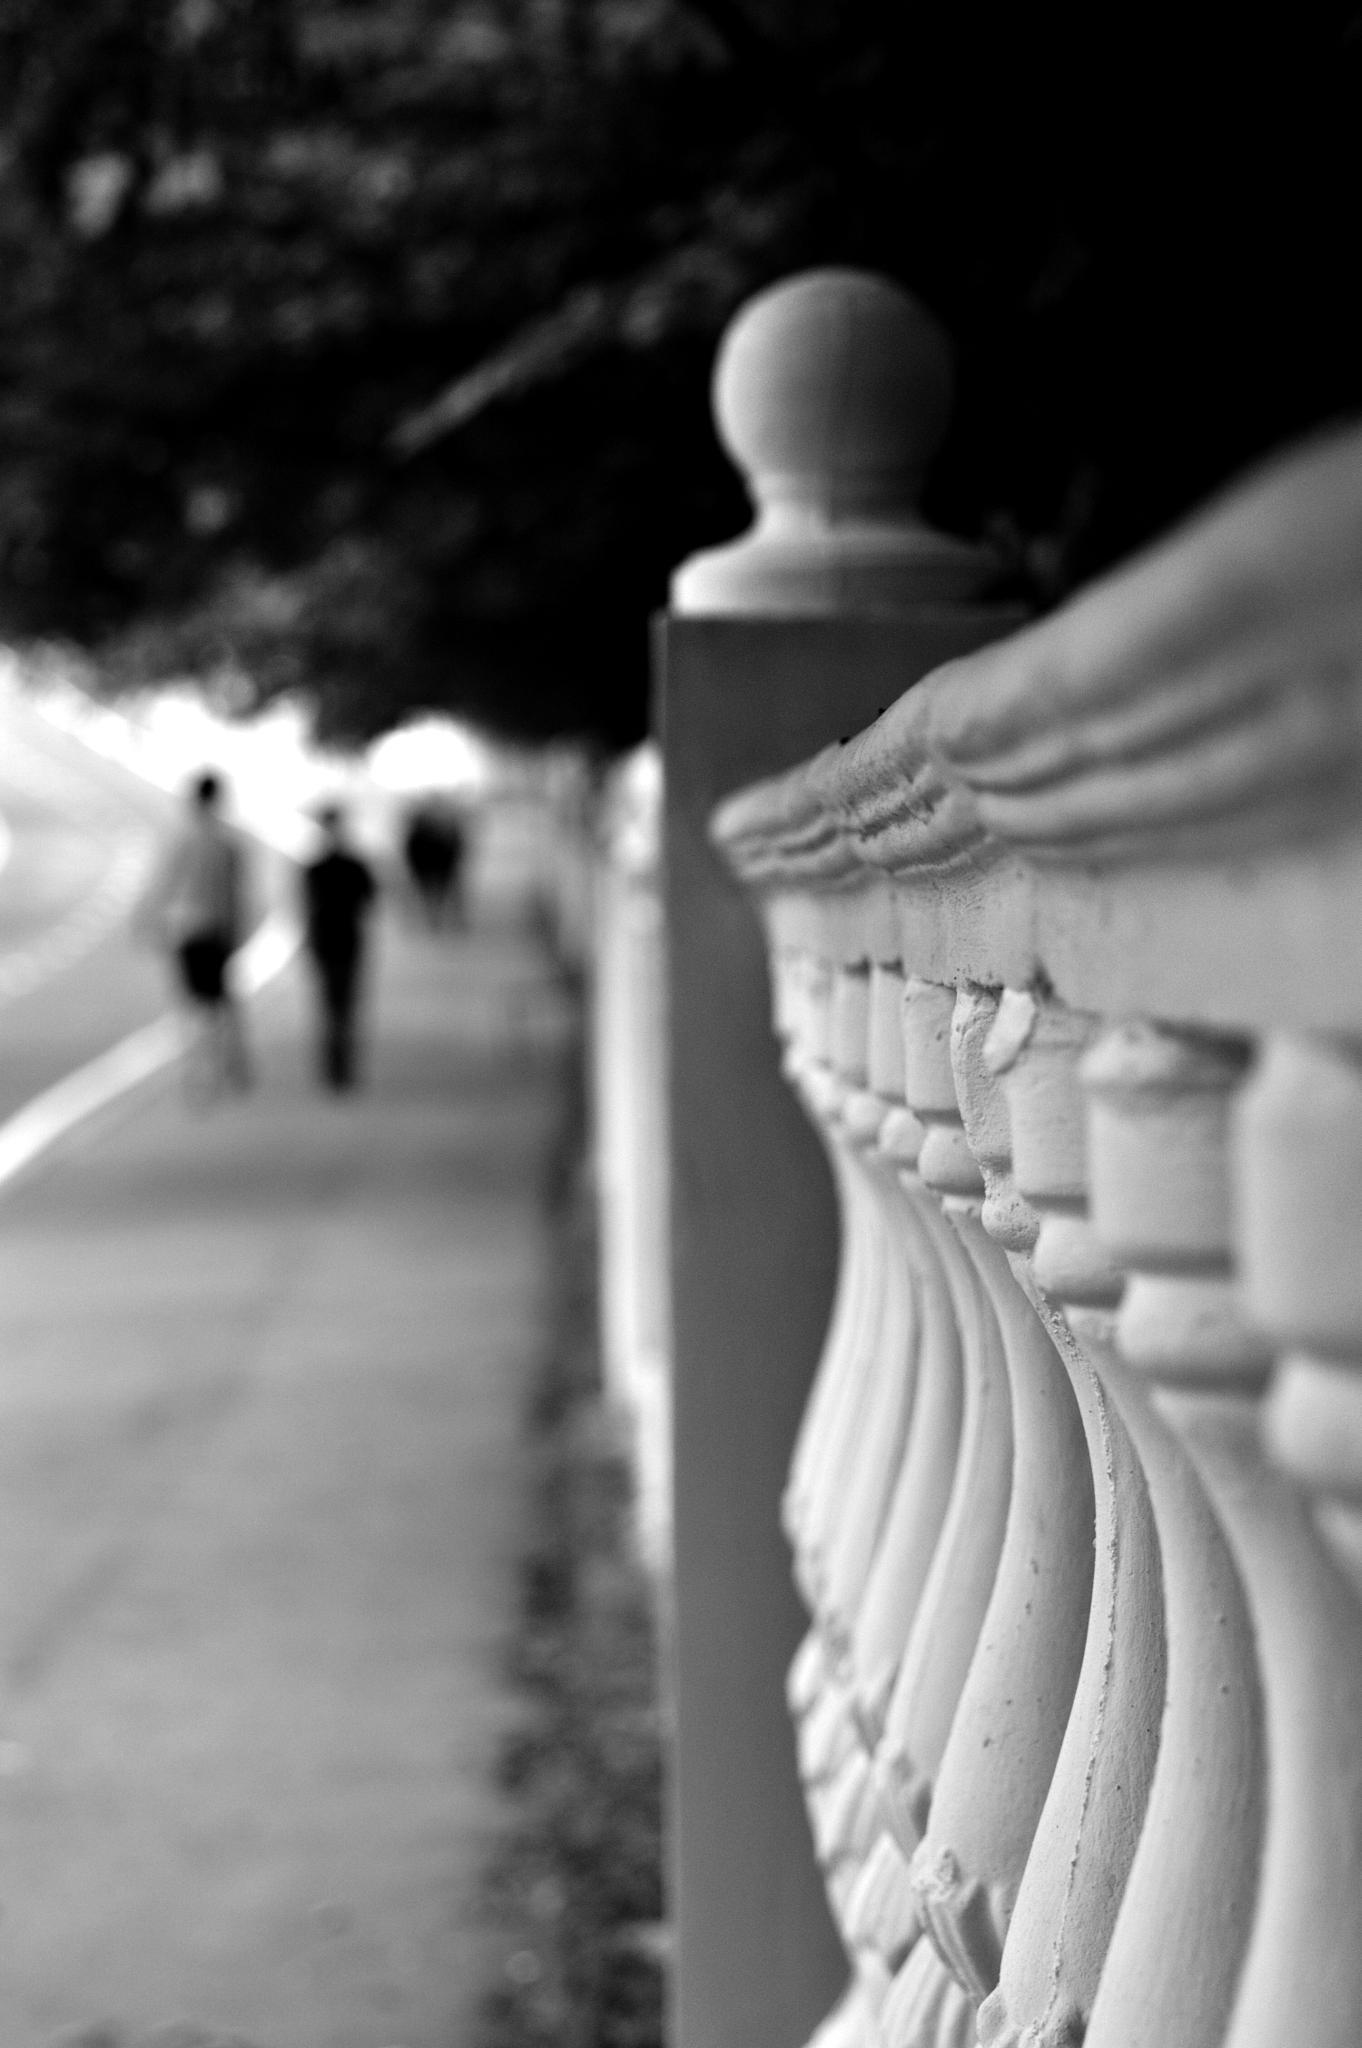 walkers  by Hermine Makaryan